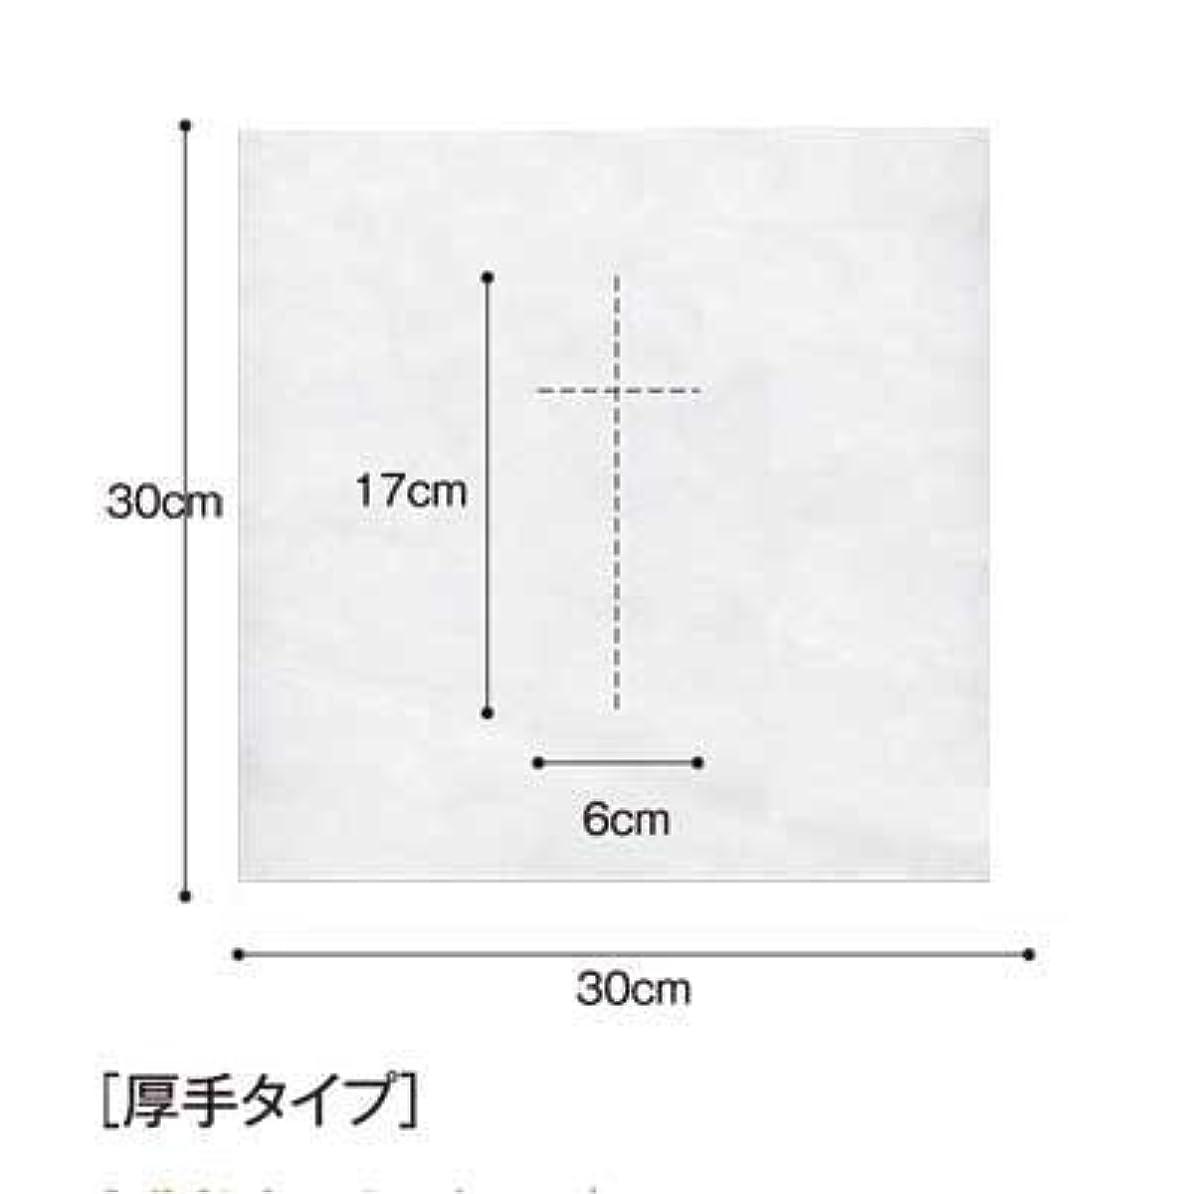 再生的コロニアル脚本(ロータス)LOTUS 日本製 ピロカバー DX 十字カット 100枚入 業務用 マッサージ 、エステ 厚みのあるタイプ